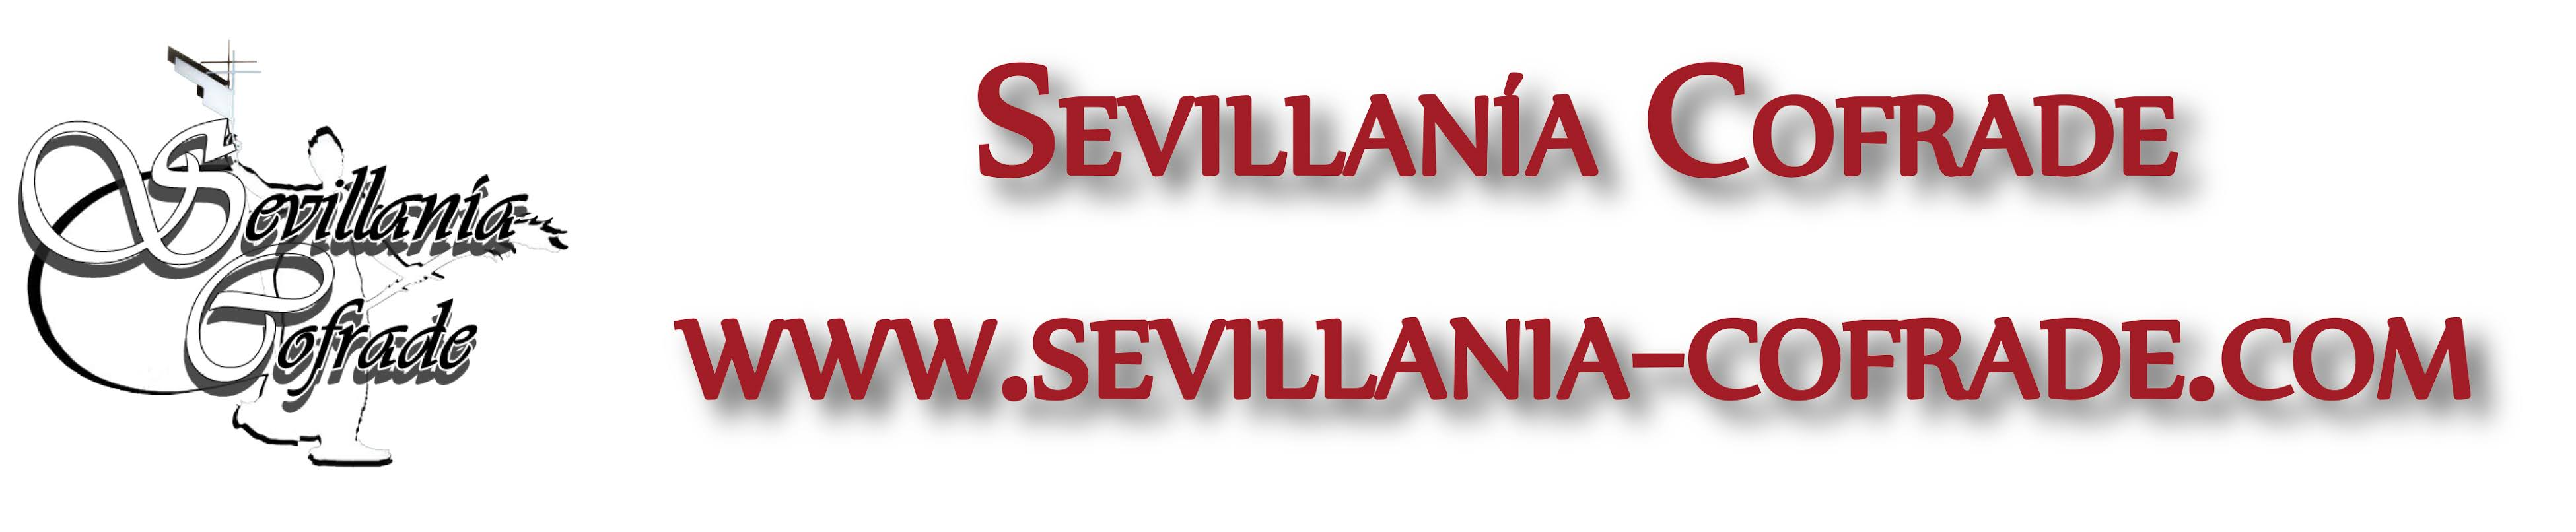 Sevillanía Cofrade: Fotografías